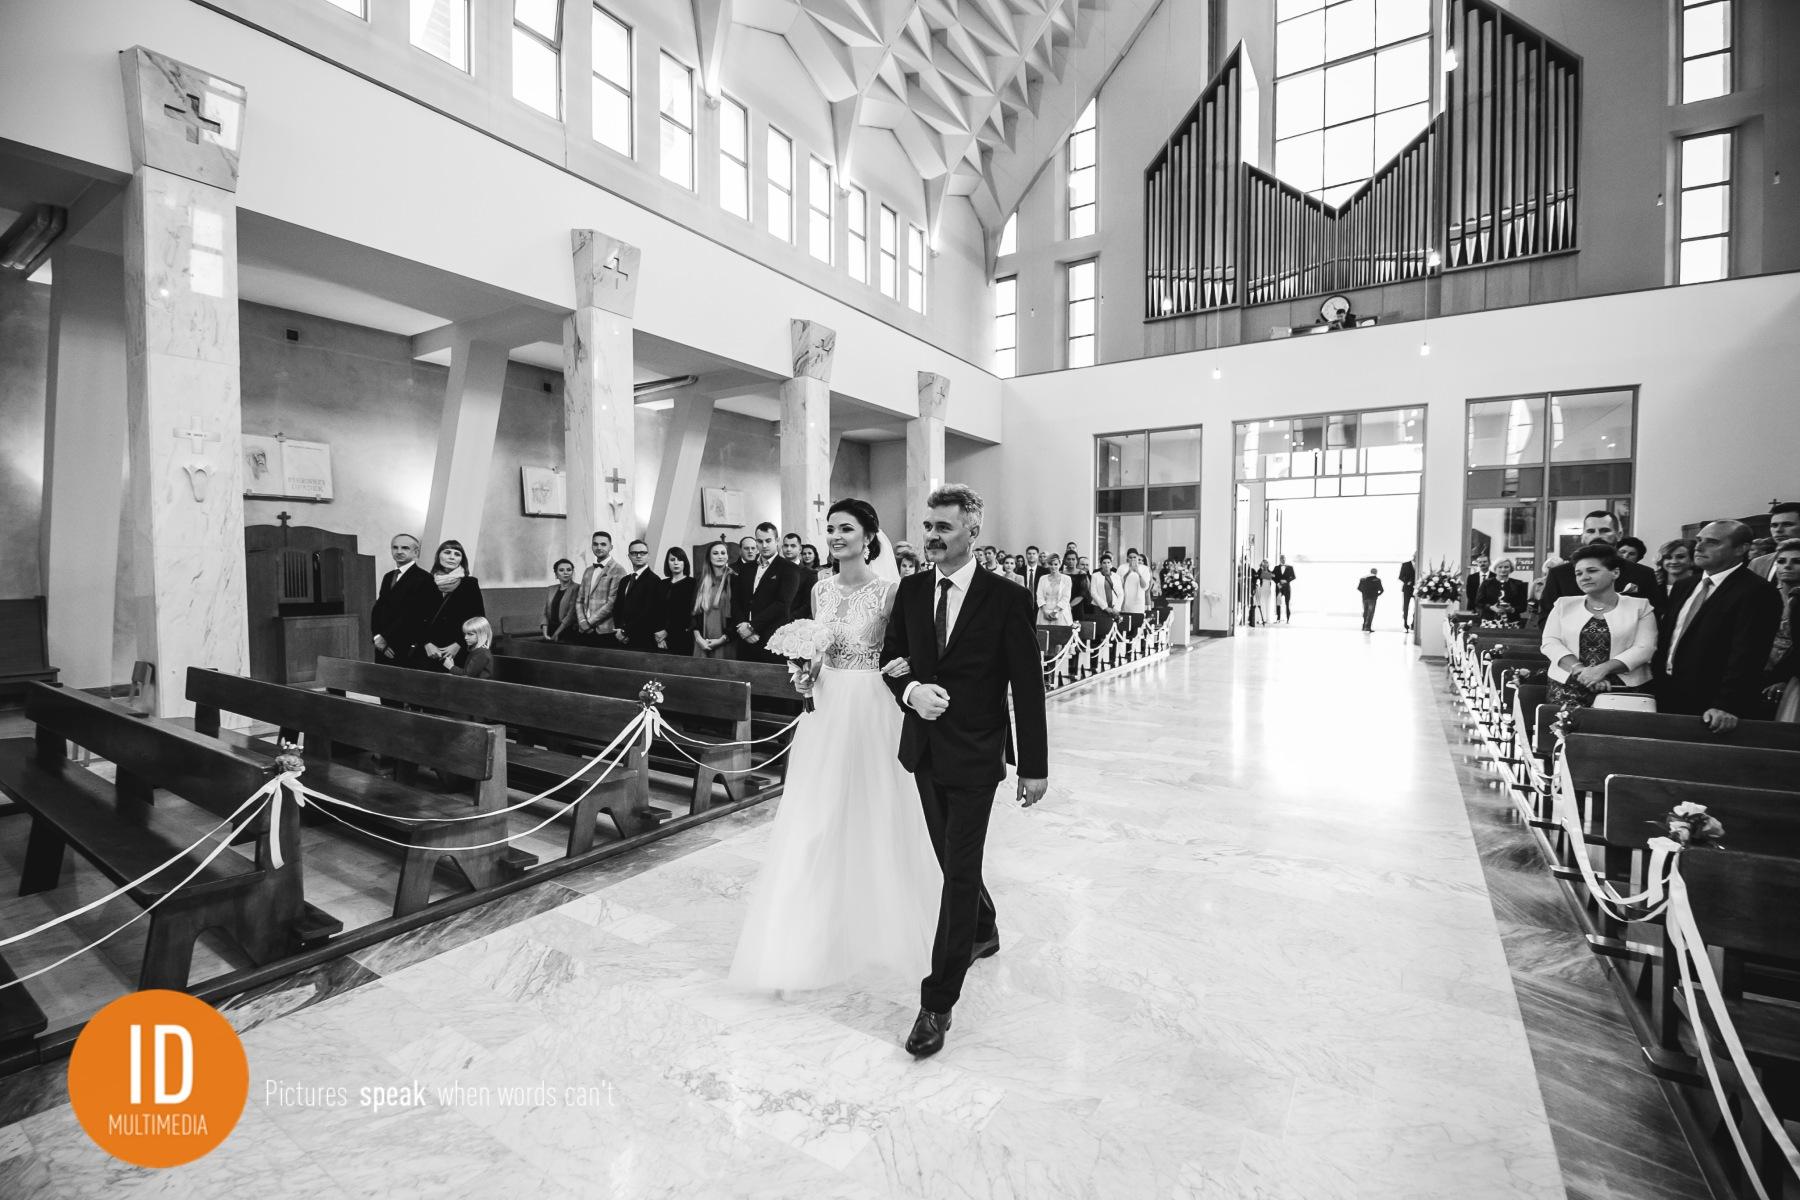 fotoreportaż ślubny